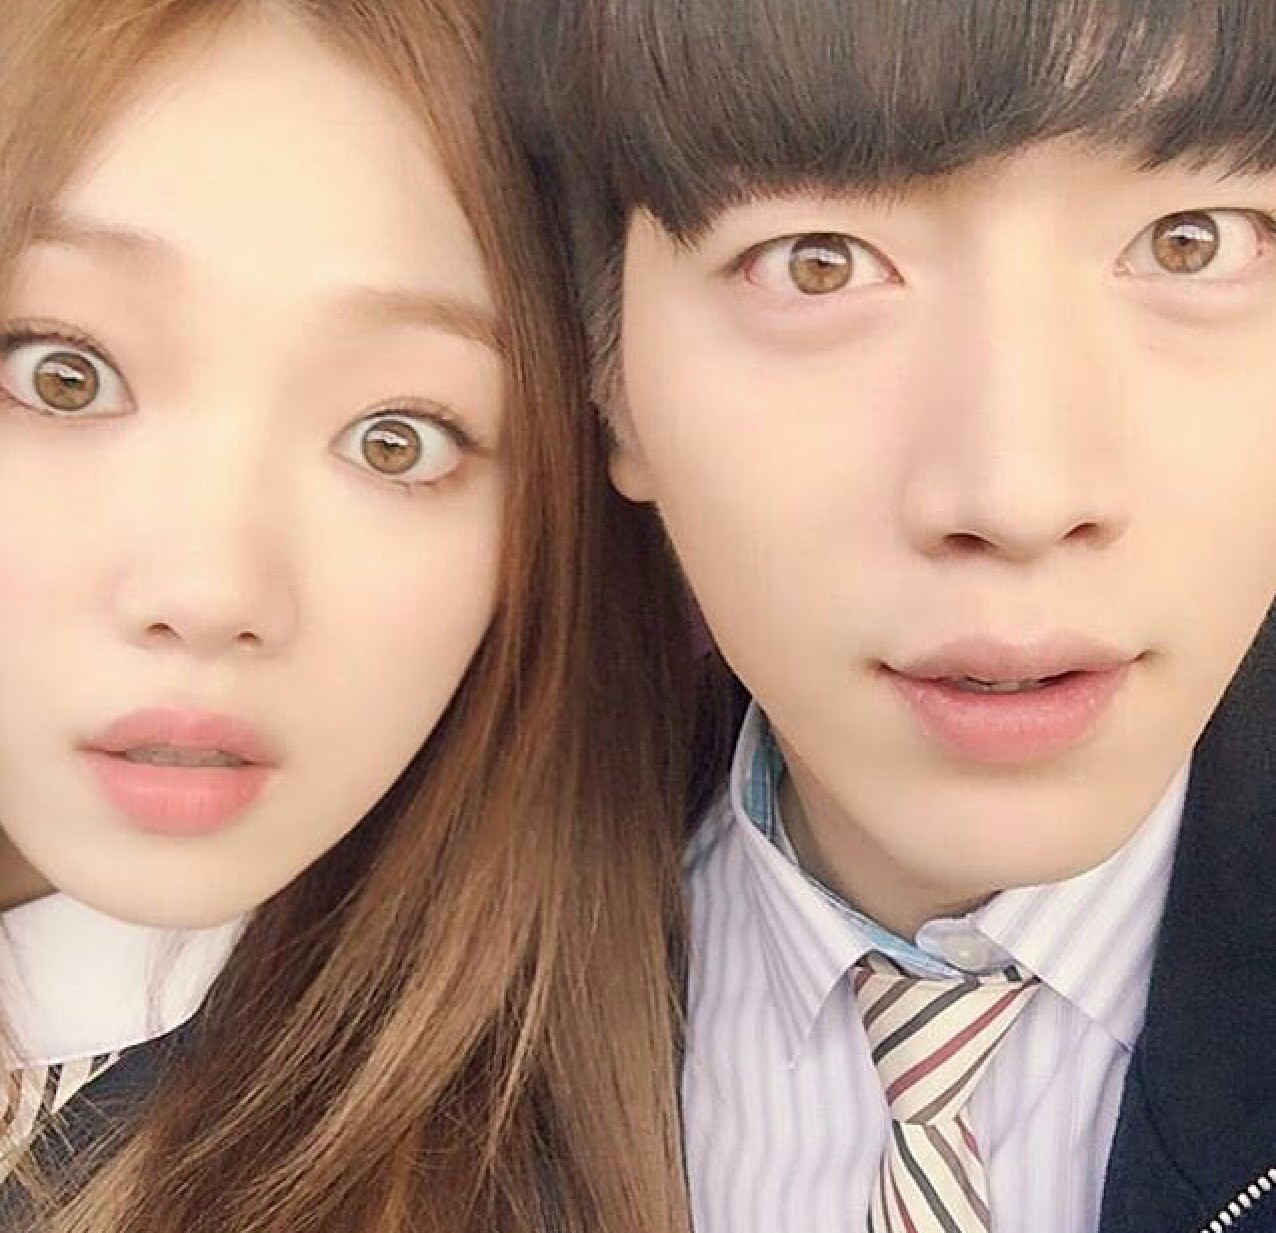 8 sao màn ảnh Hàn sở hữu cặp mắt nâu hiếm có, hễ nhìn vào là nghiện không thoát ra được - Ảnh 24.